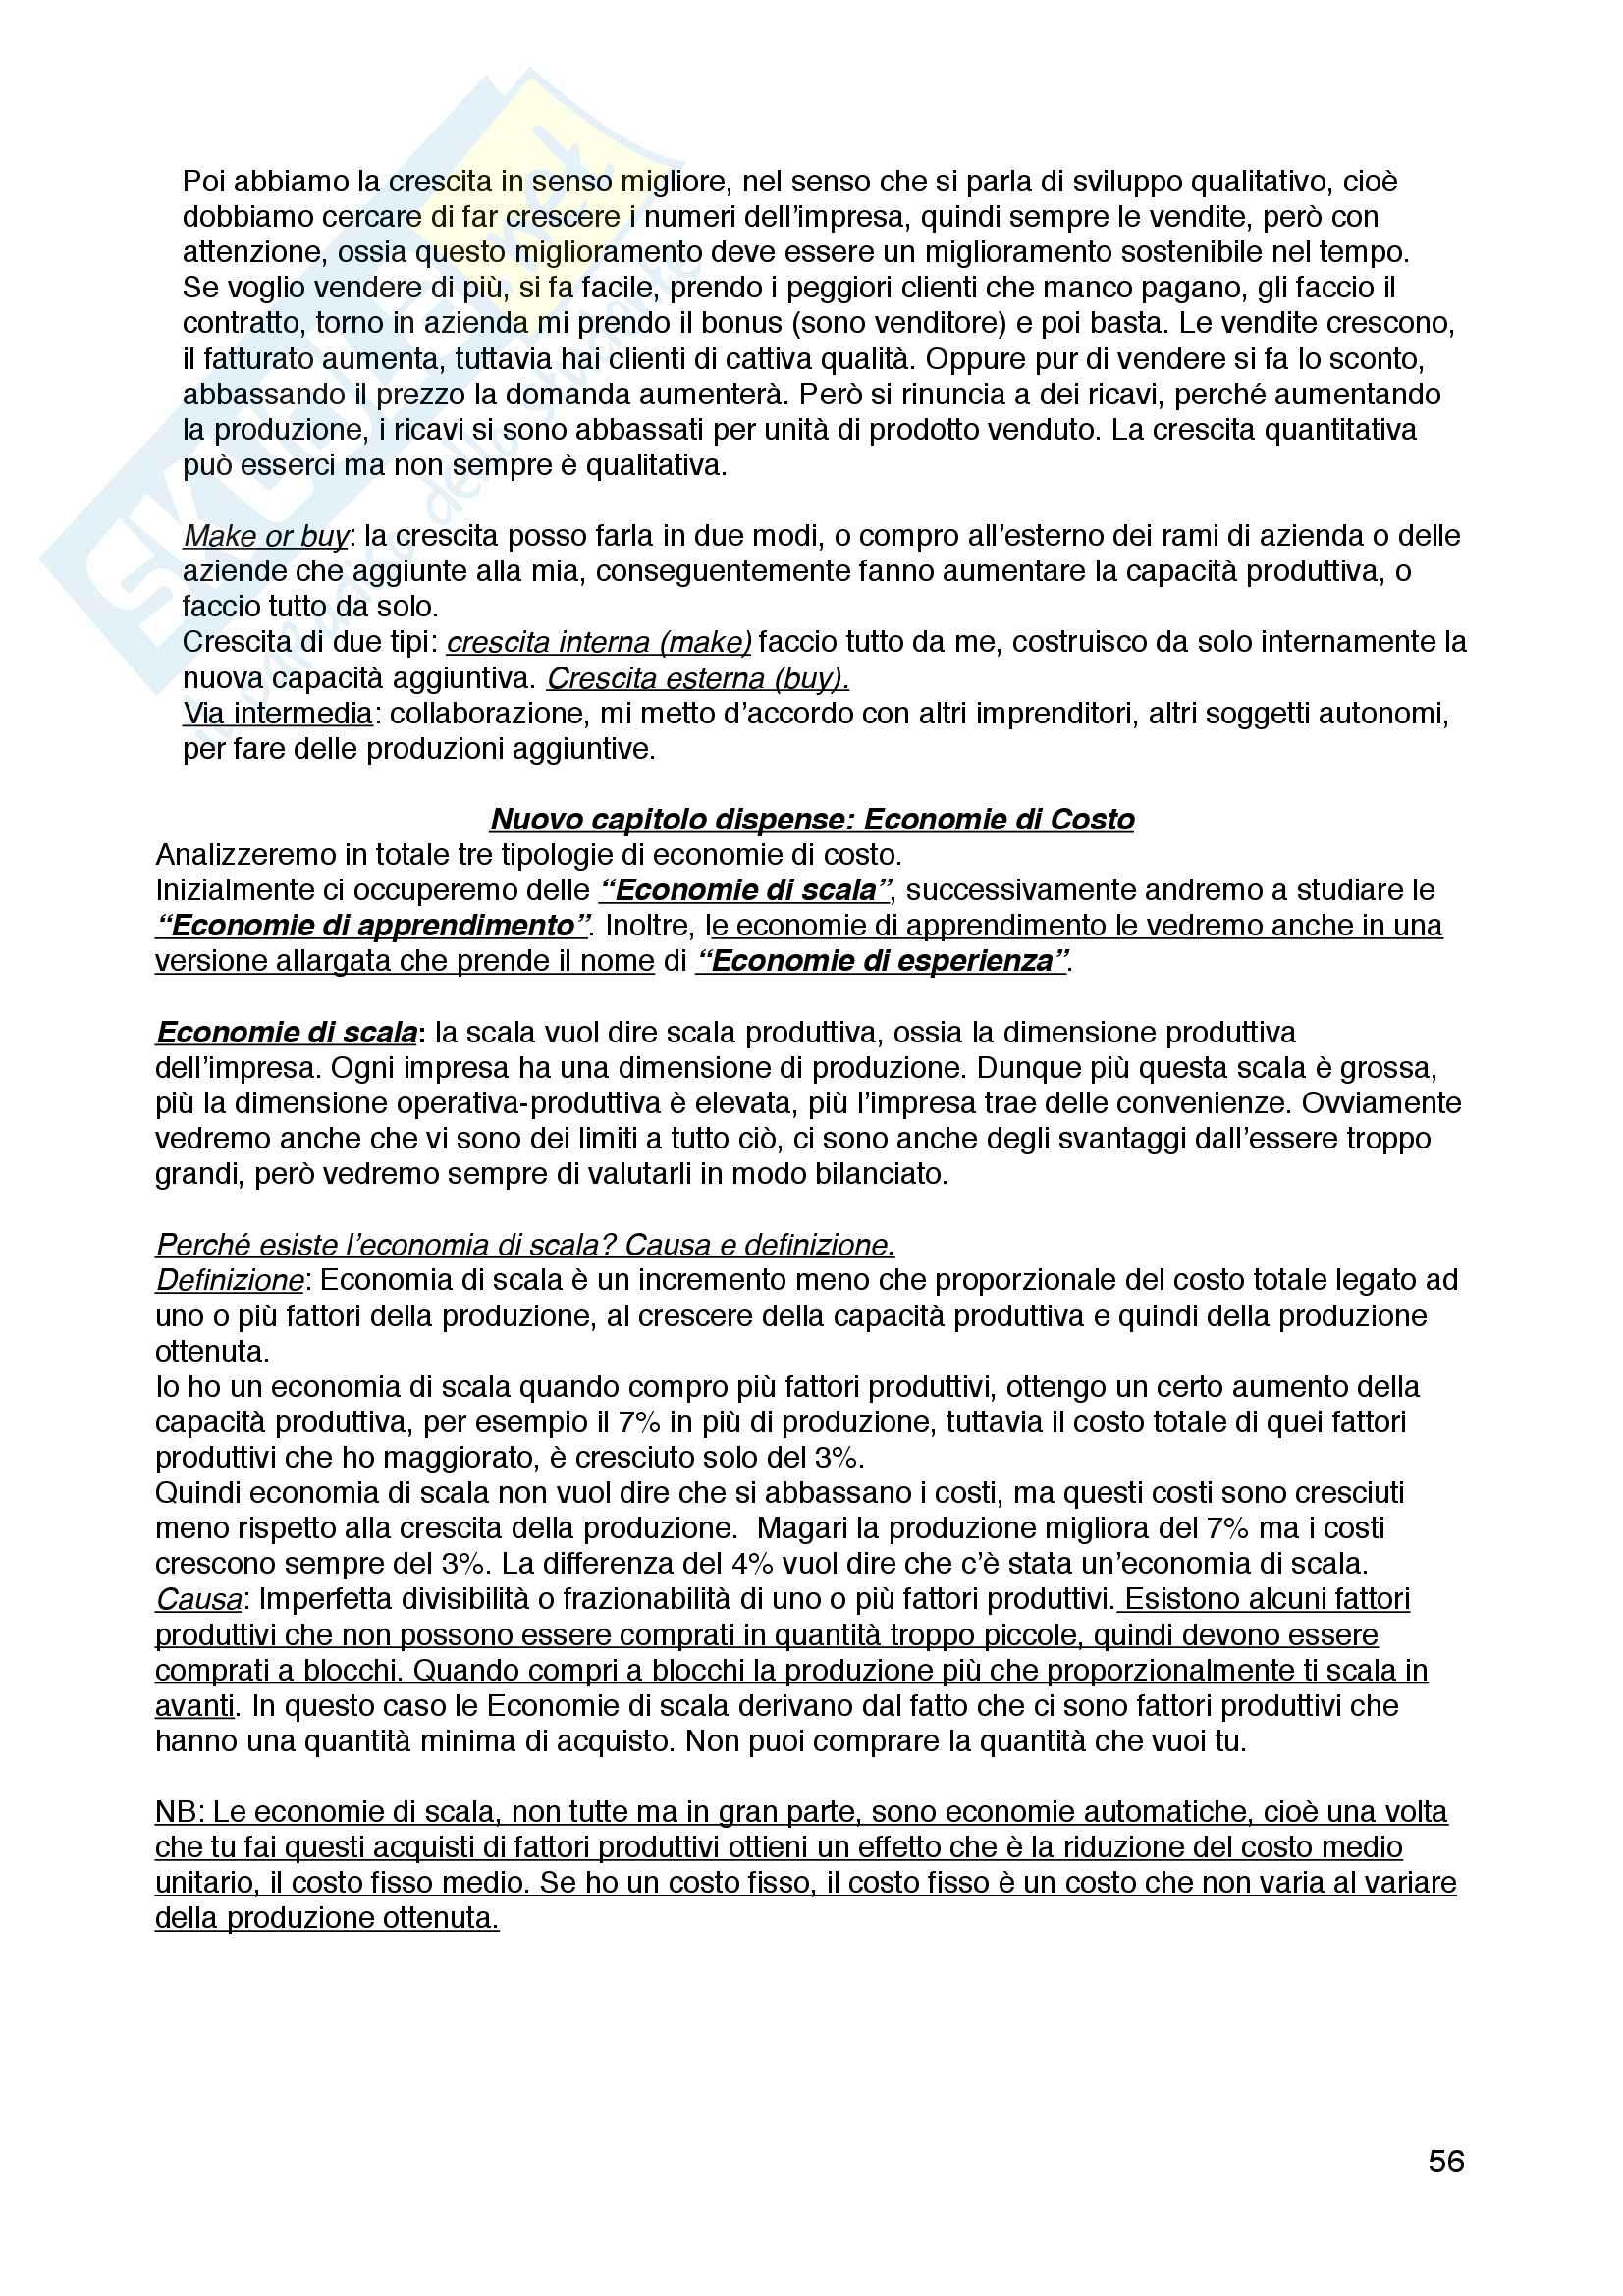 Riassunto esame Economia e Gestione delle Imprese - Corrado Gatti Pag. 56